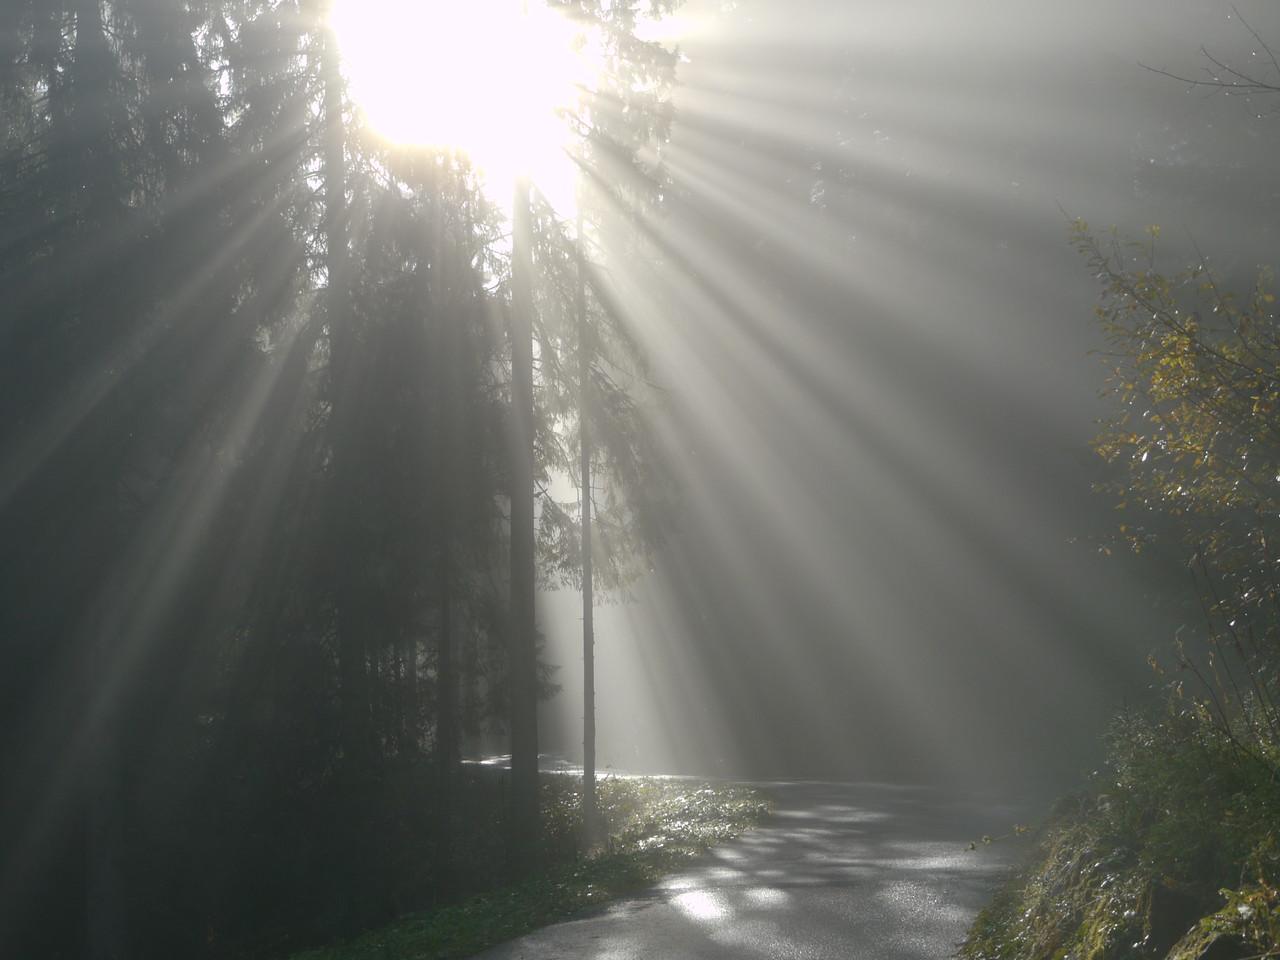 @RobAng 2012 / Aufstieg zum Rinderweidhorn, südöstl. von Pfäffikon (SZ), Kanton Schwyz, CH, Schweiz/Switzerland,  25.10.2012 10:47:03